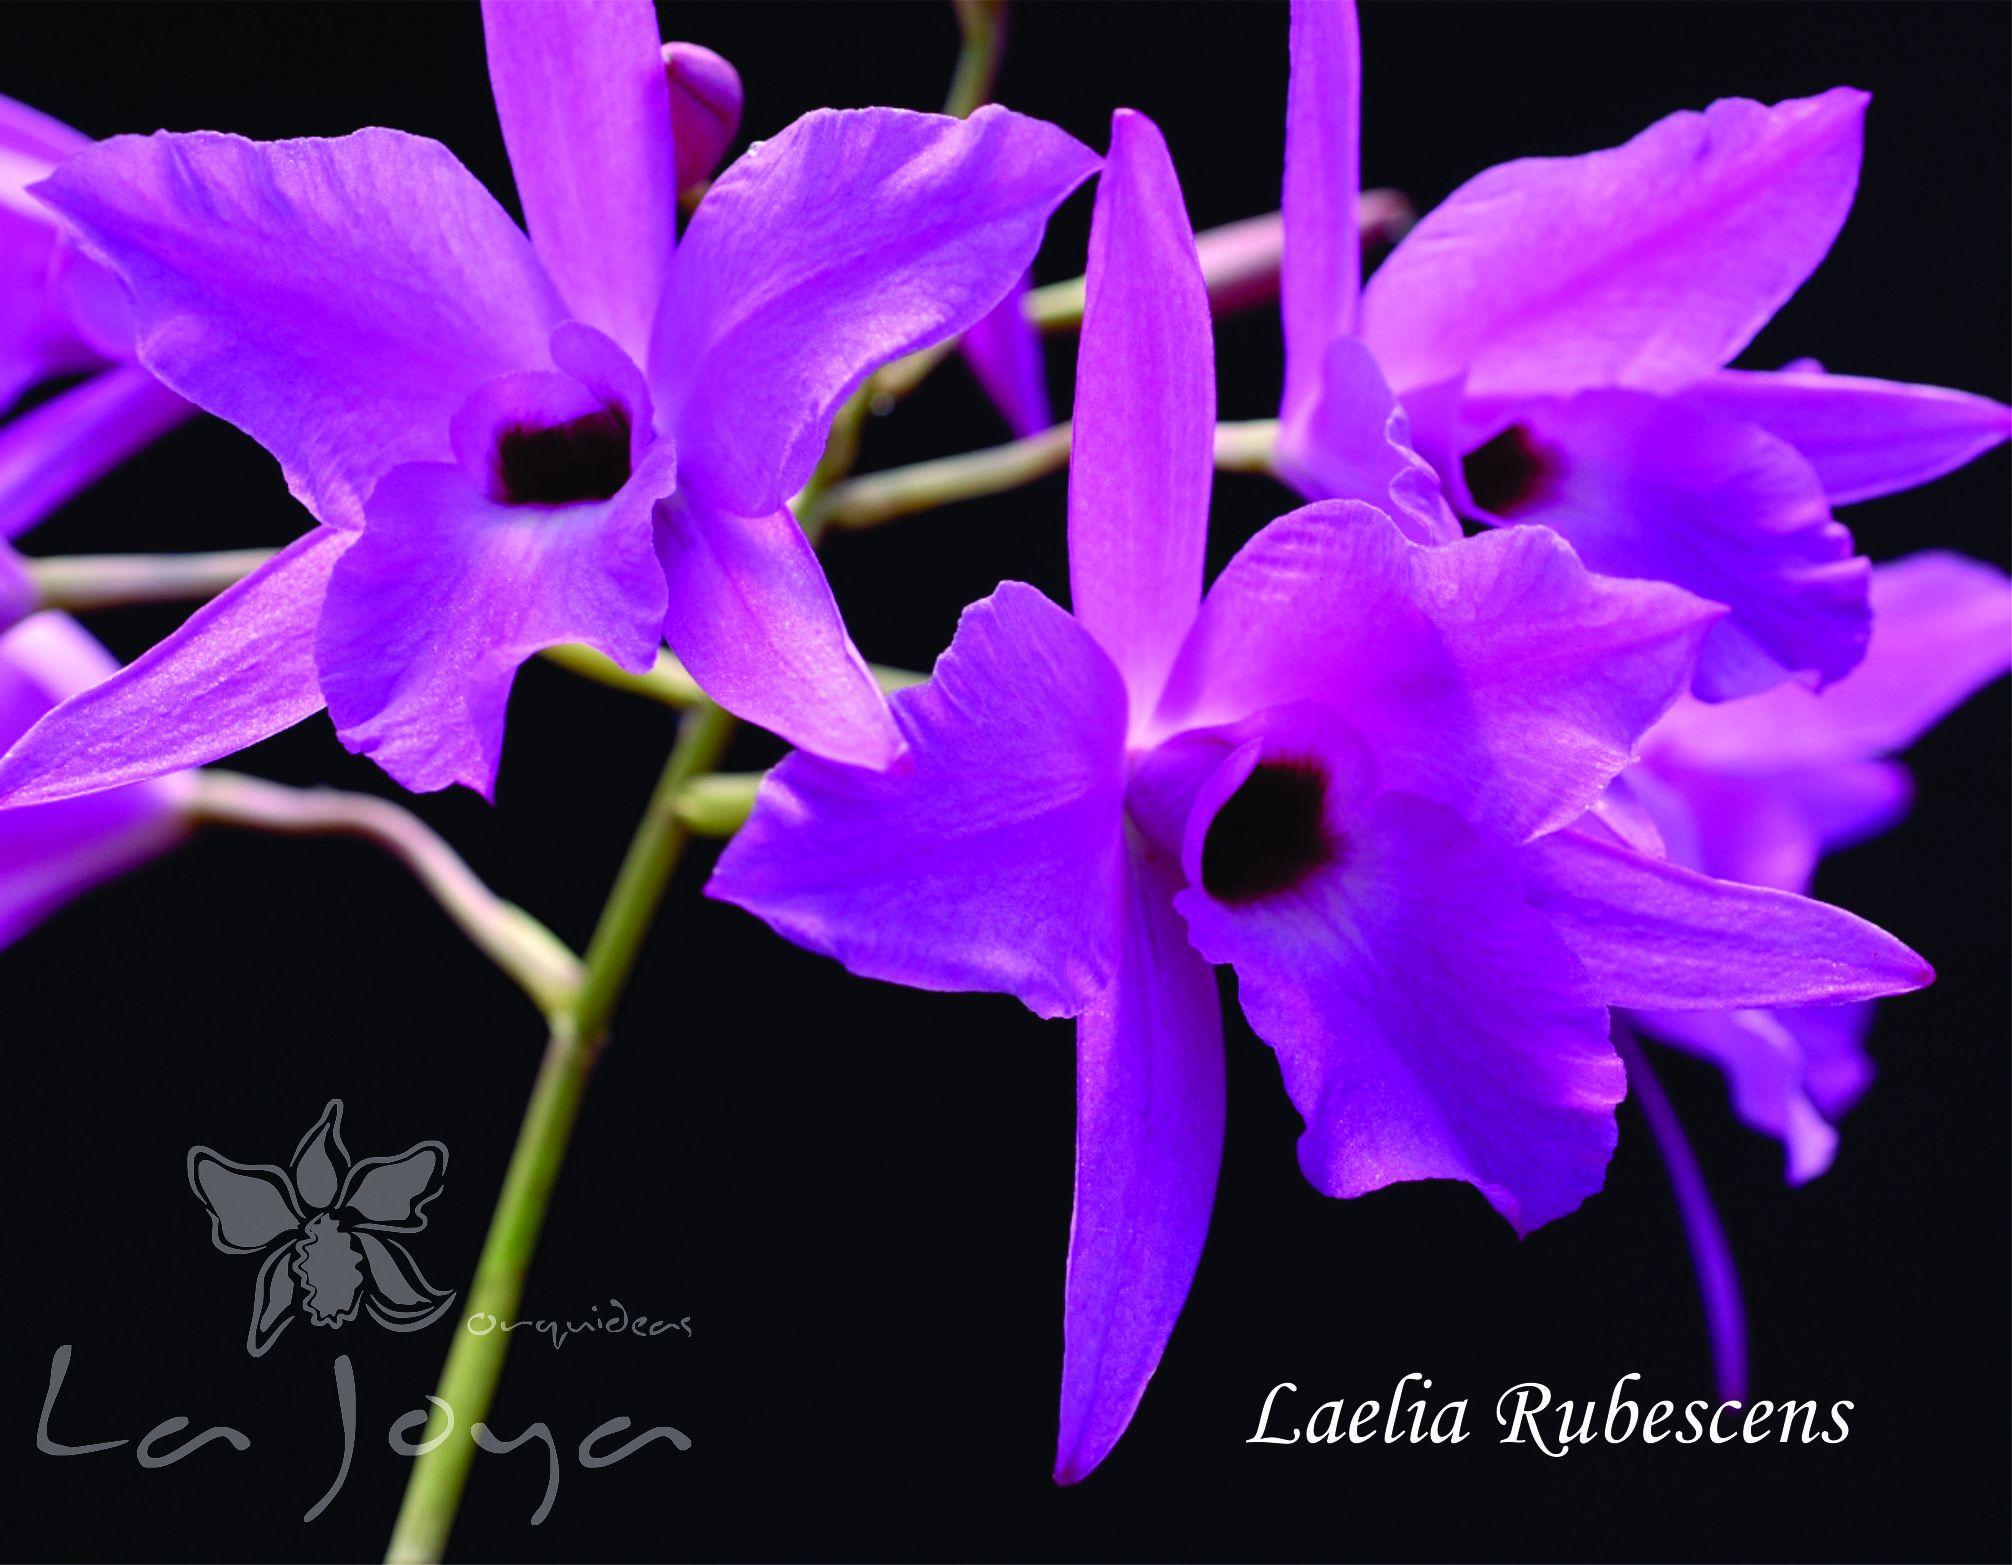 Laelia Rubescens